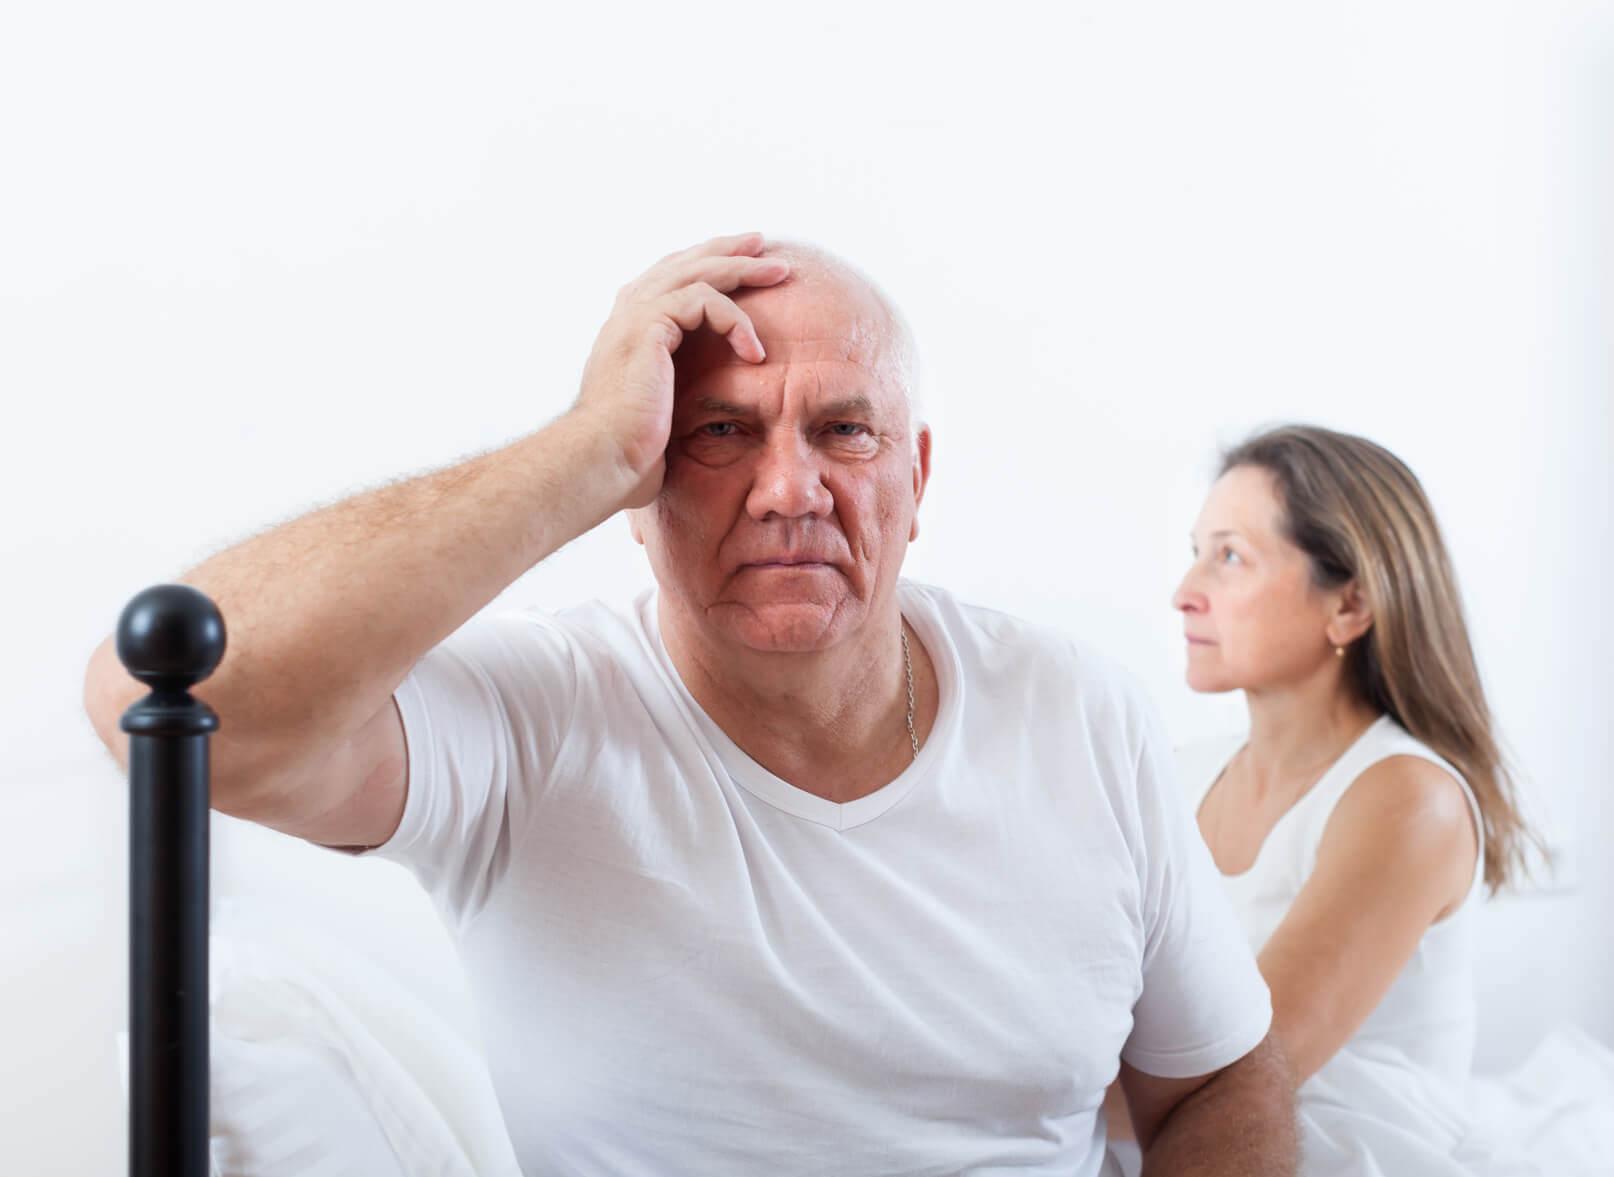 scăderea erecției din cauza prostatei tipuri de disfuncție erectilă